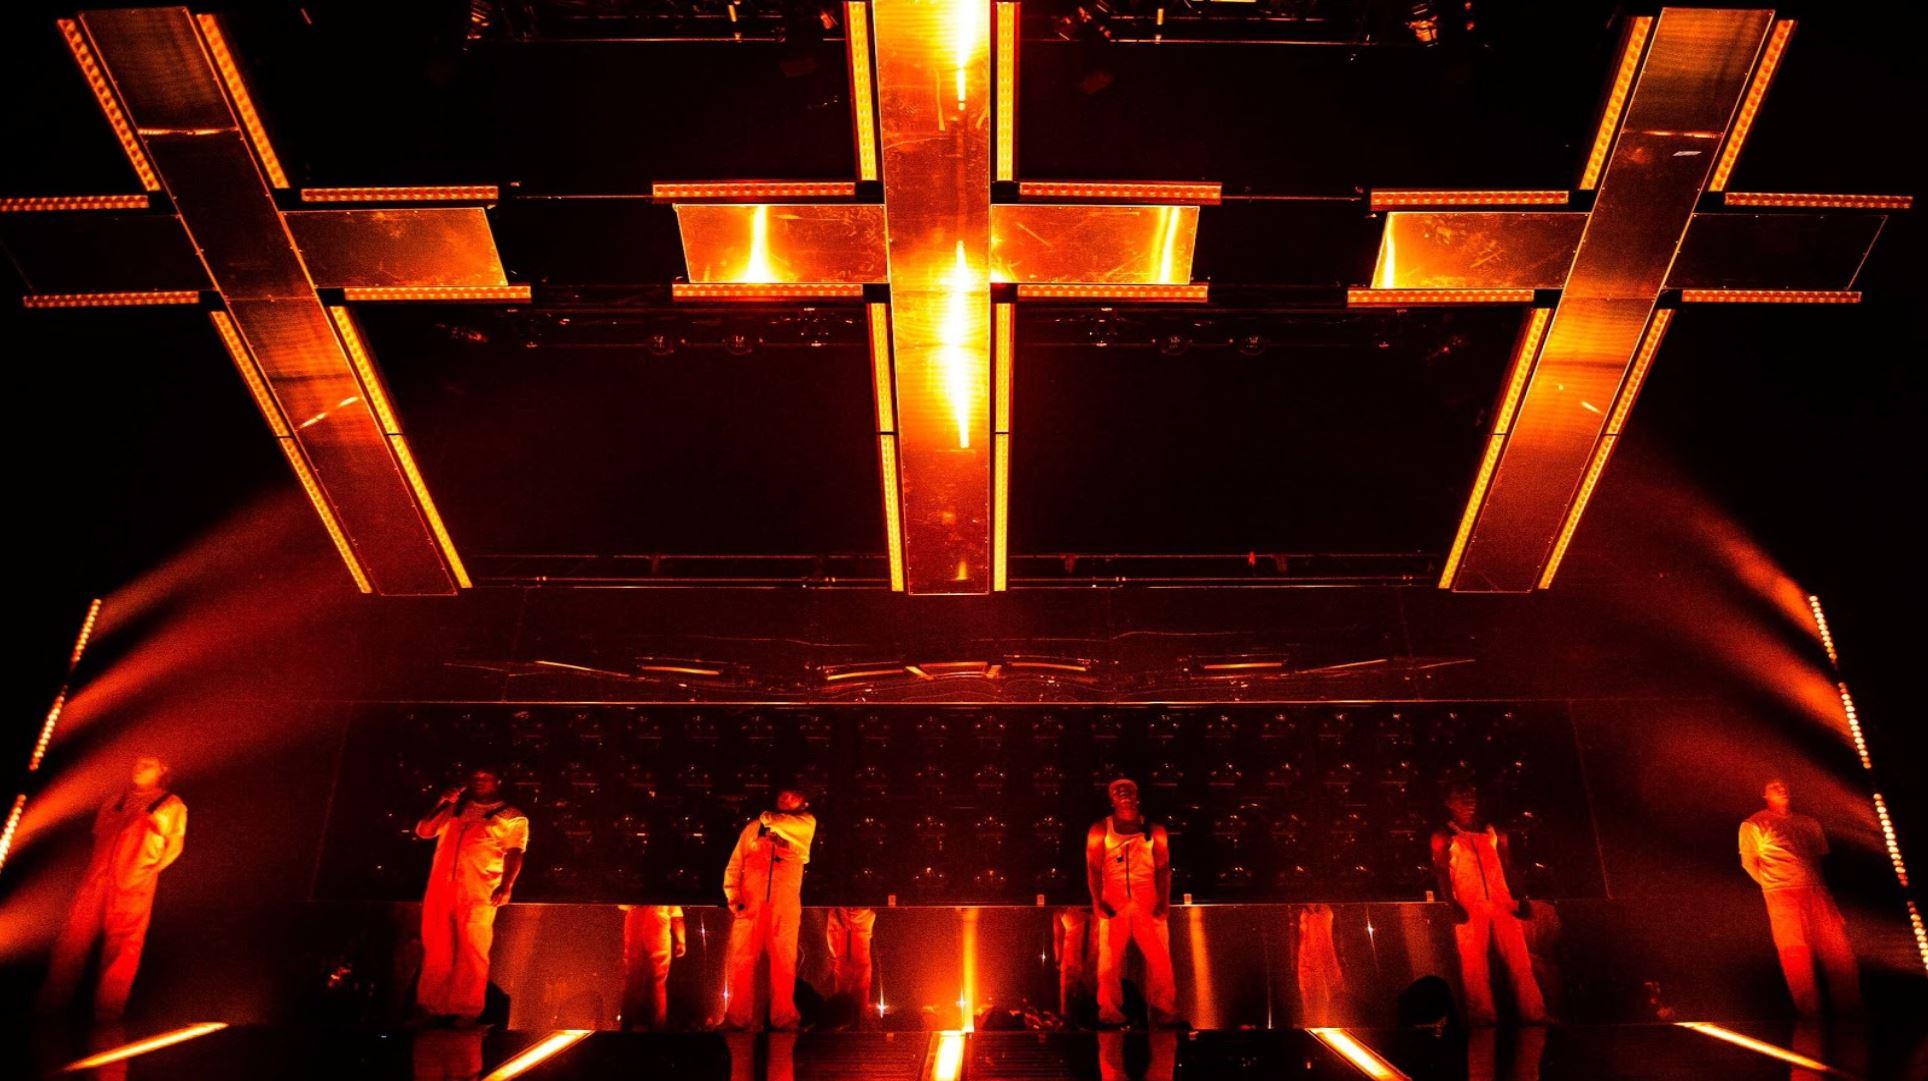 Brockhampton performing underneath orange crosses.